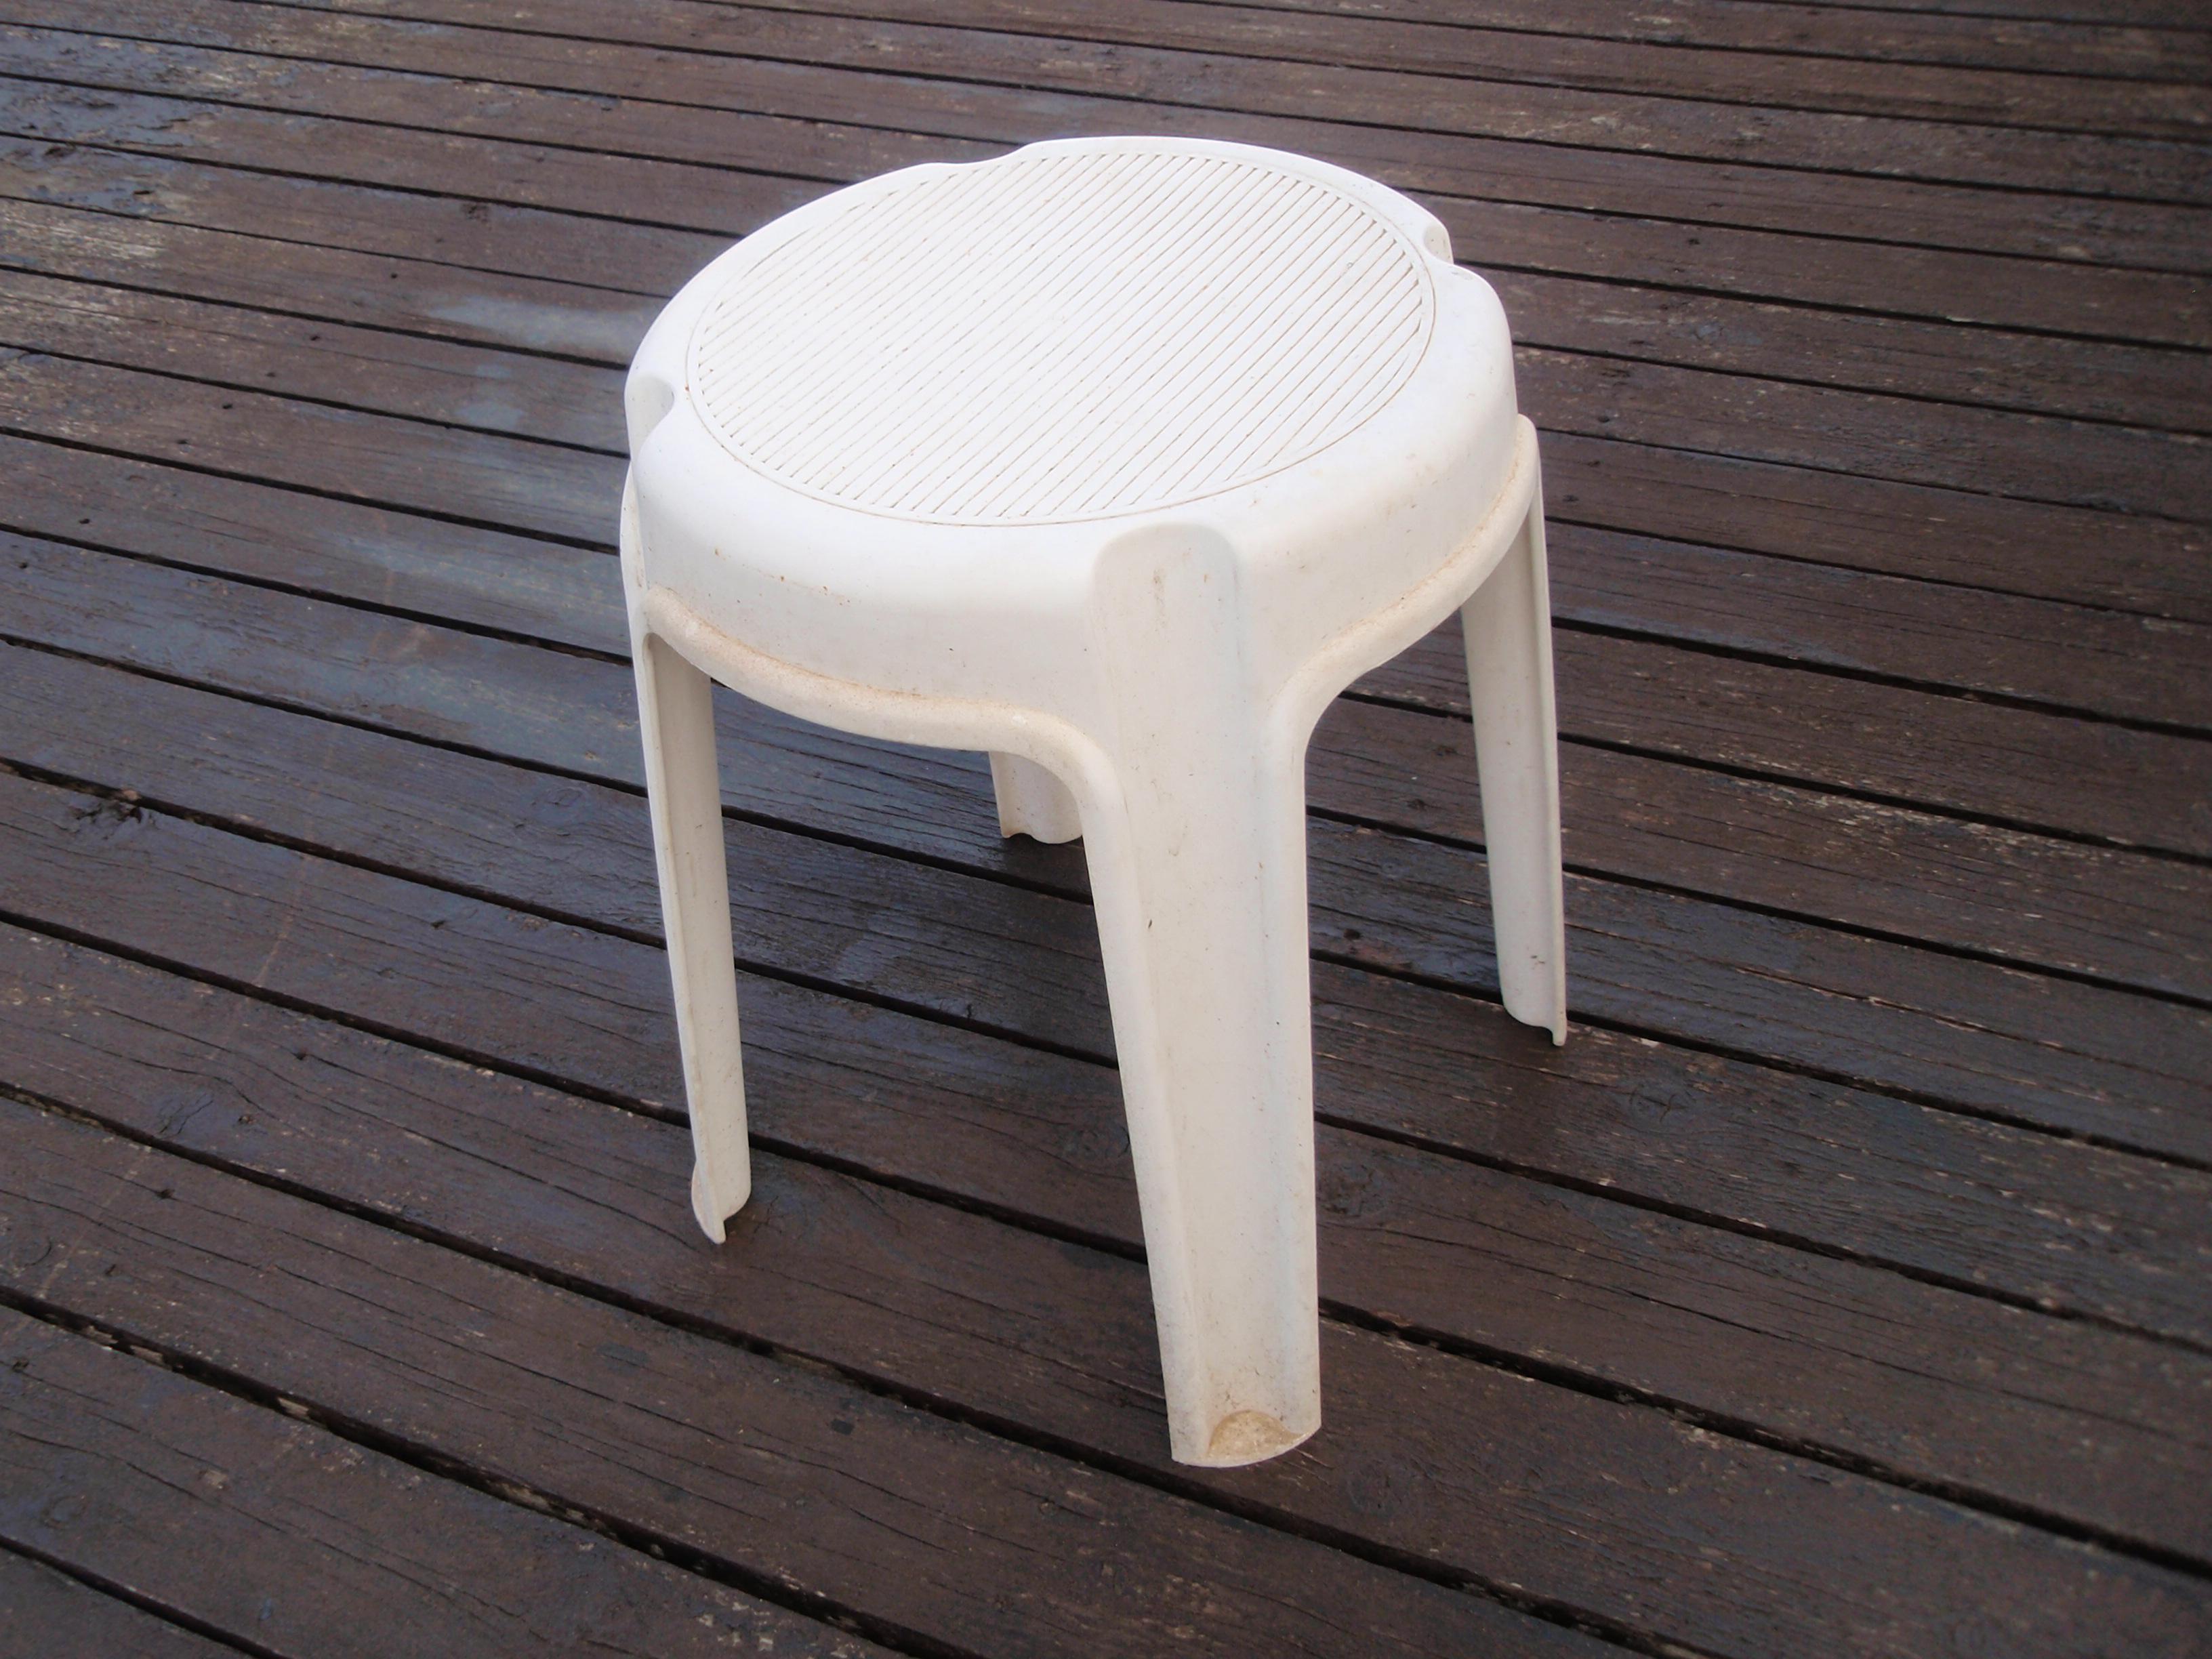 כסאות פלסטיק להשכרה